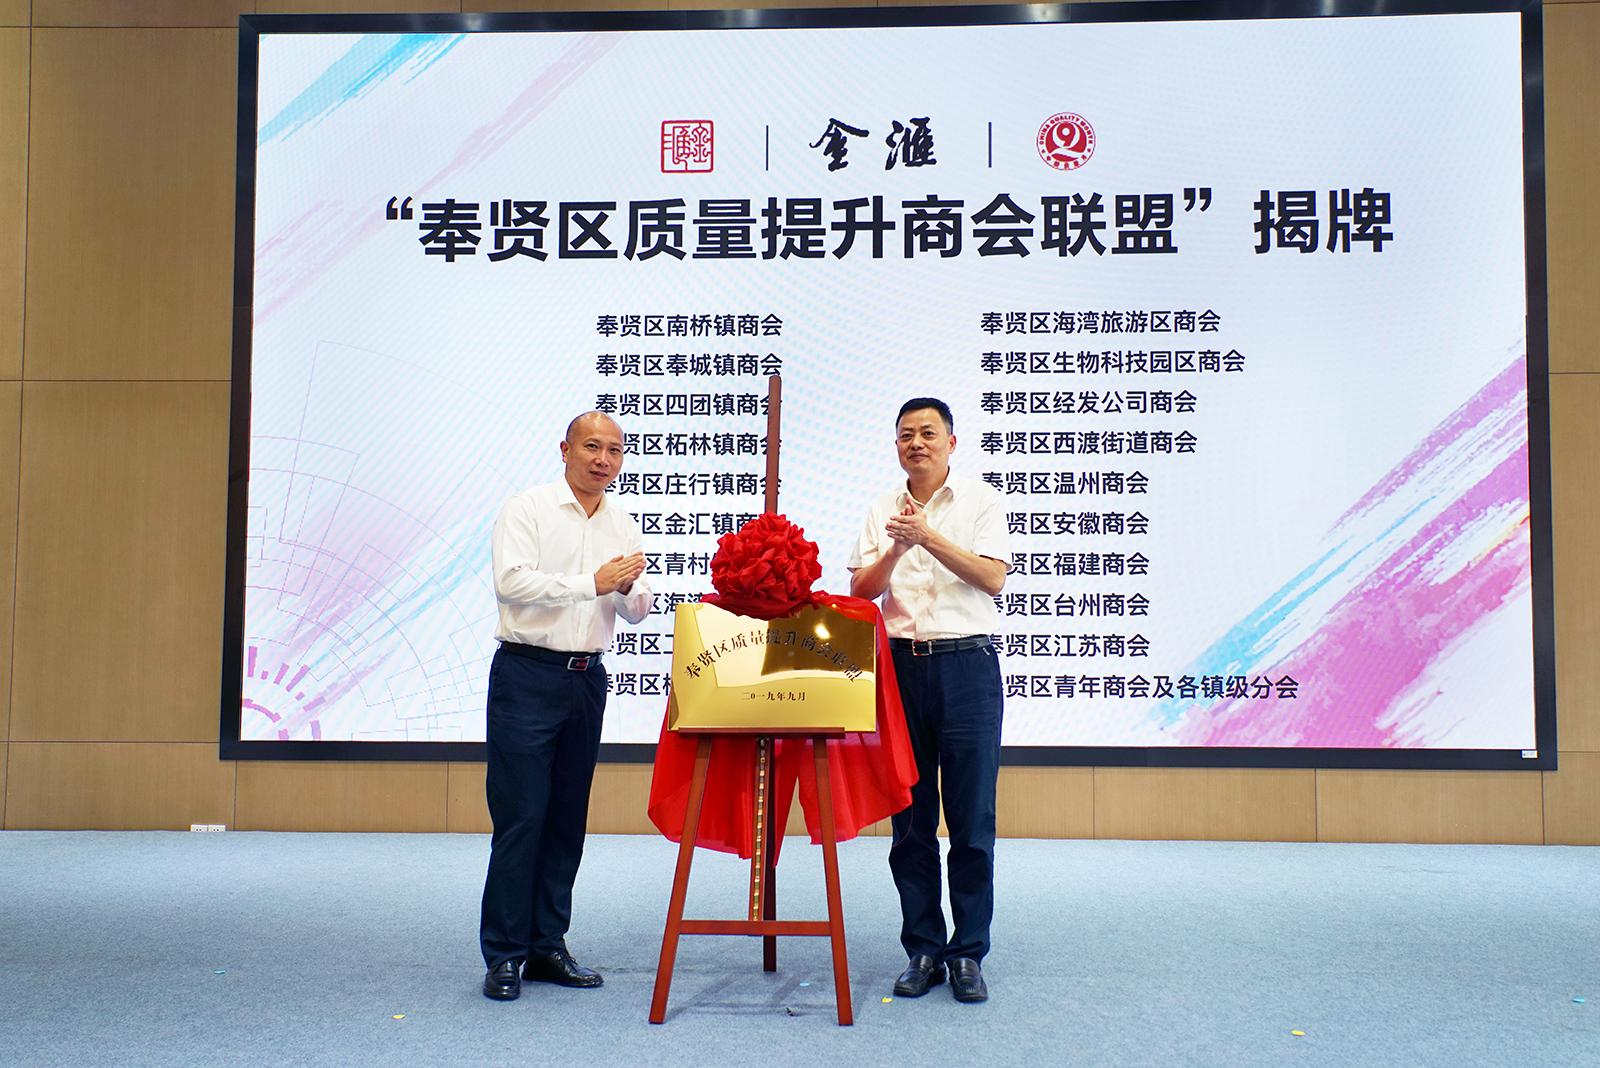 图为奉贤区质量提升商会联盟揭牌成立。